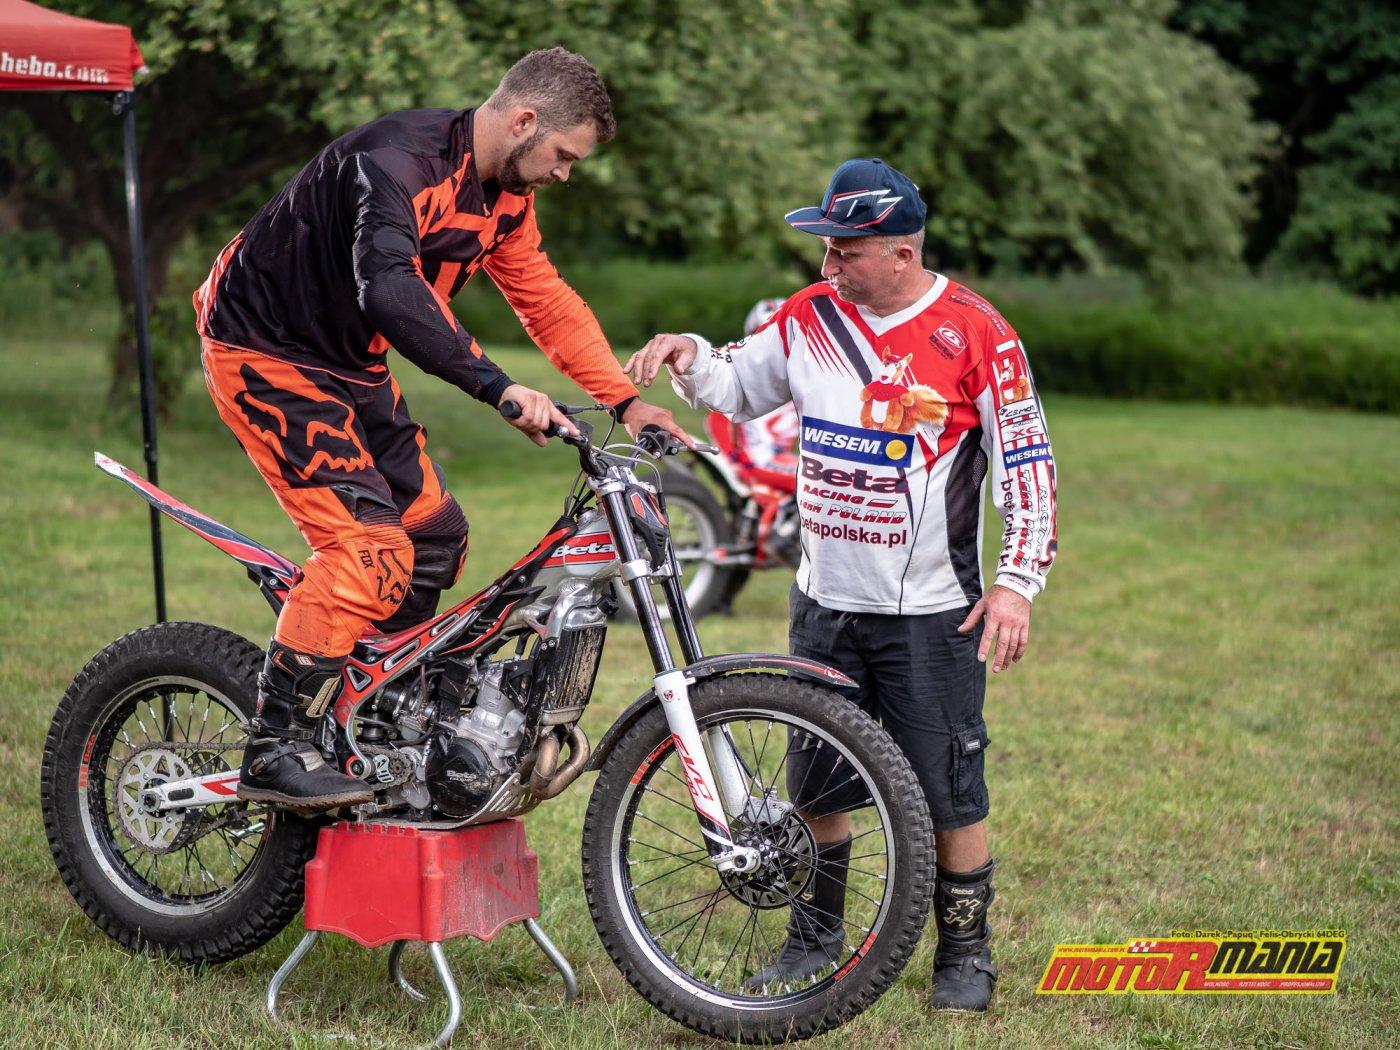 szkolenie trial technika jazdy trialówka - Piotr Jedrzejak jedzie - Andrzej Mistarz trener (1) - fot 64deg